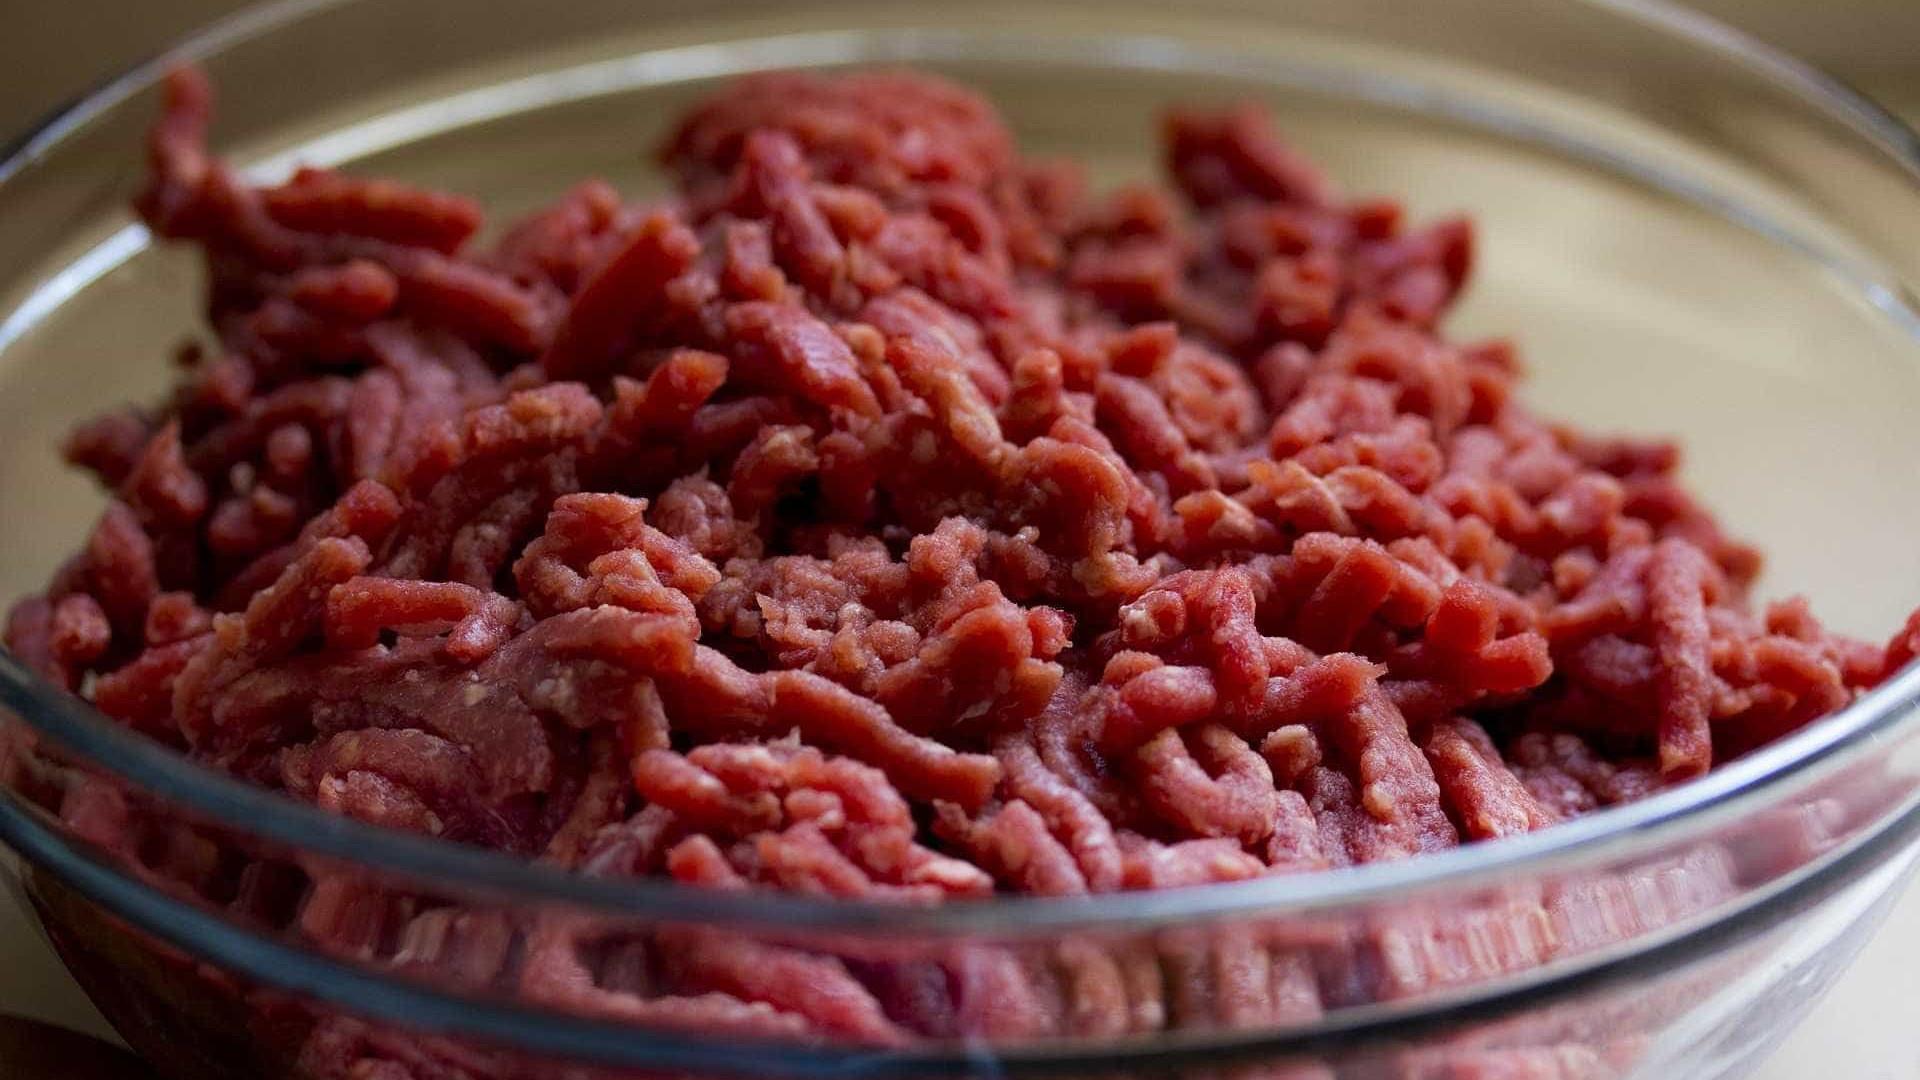 Escolas de SP suspendem carne na merenda após investigações